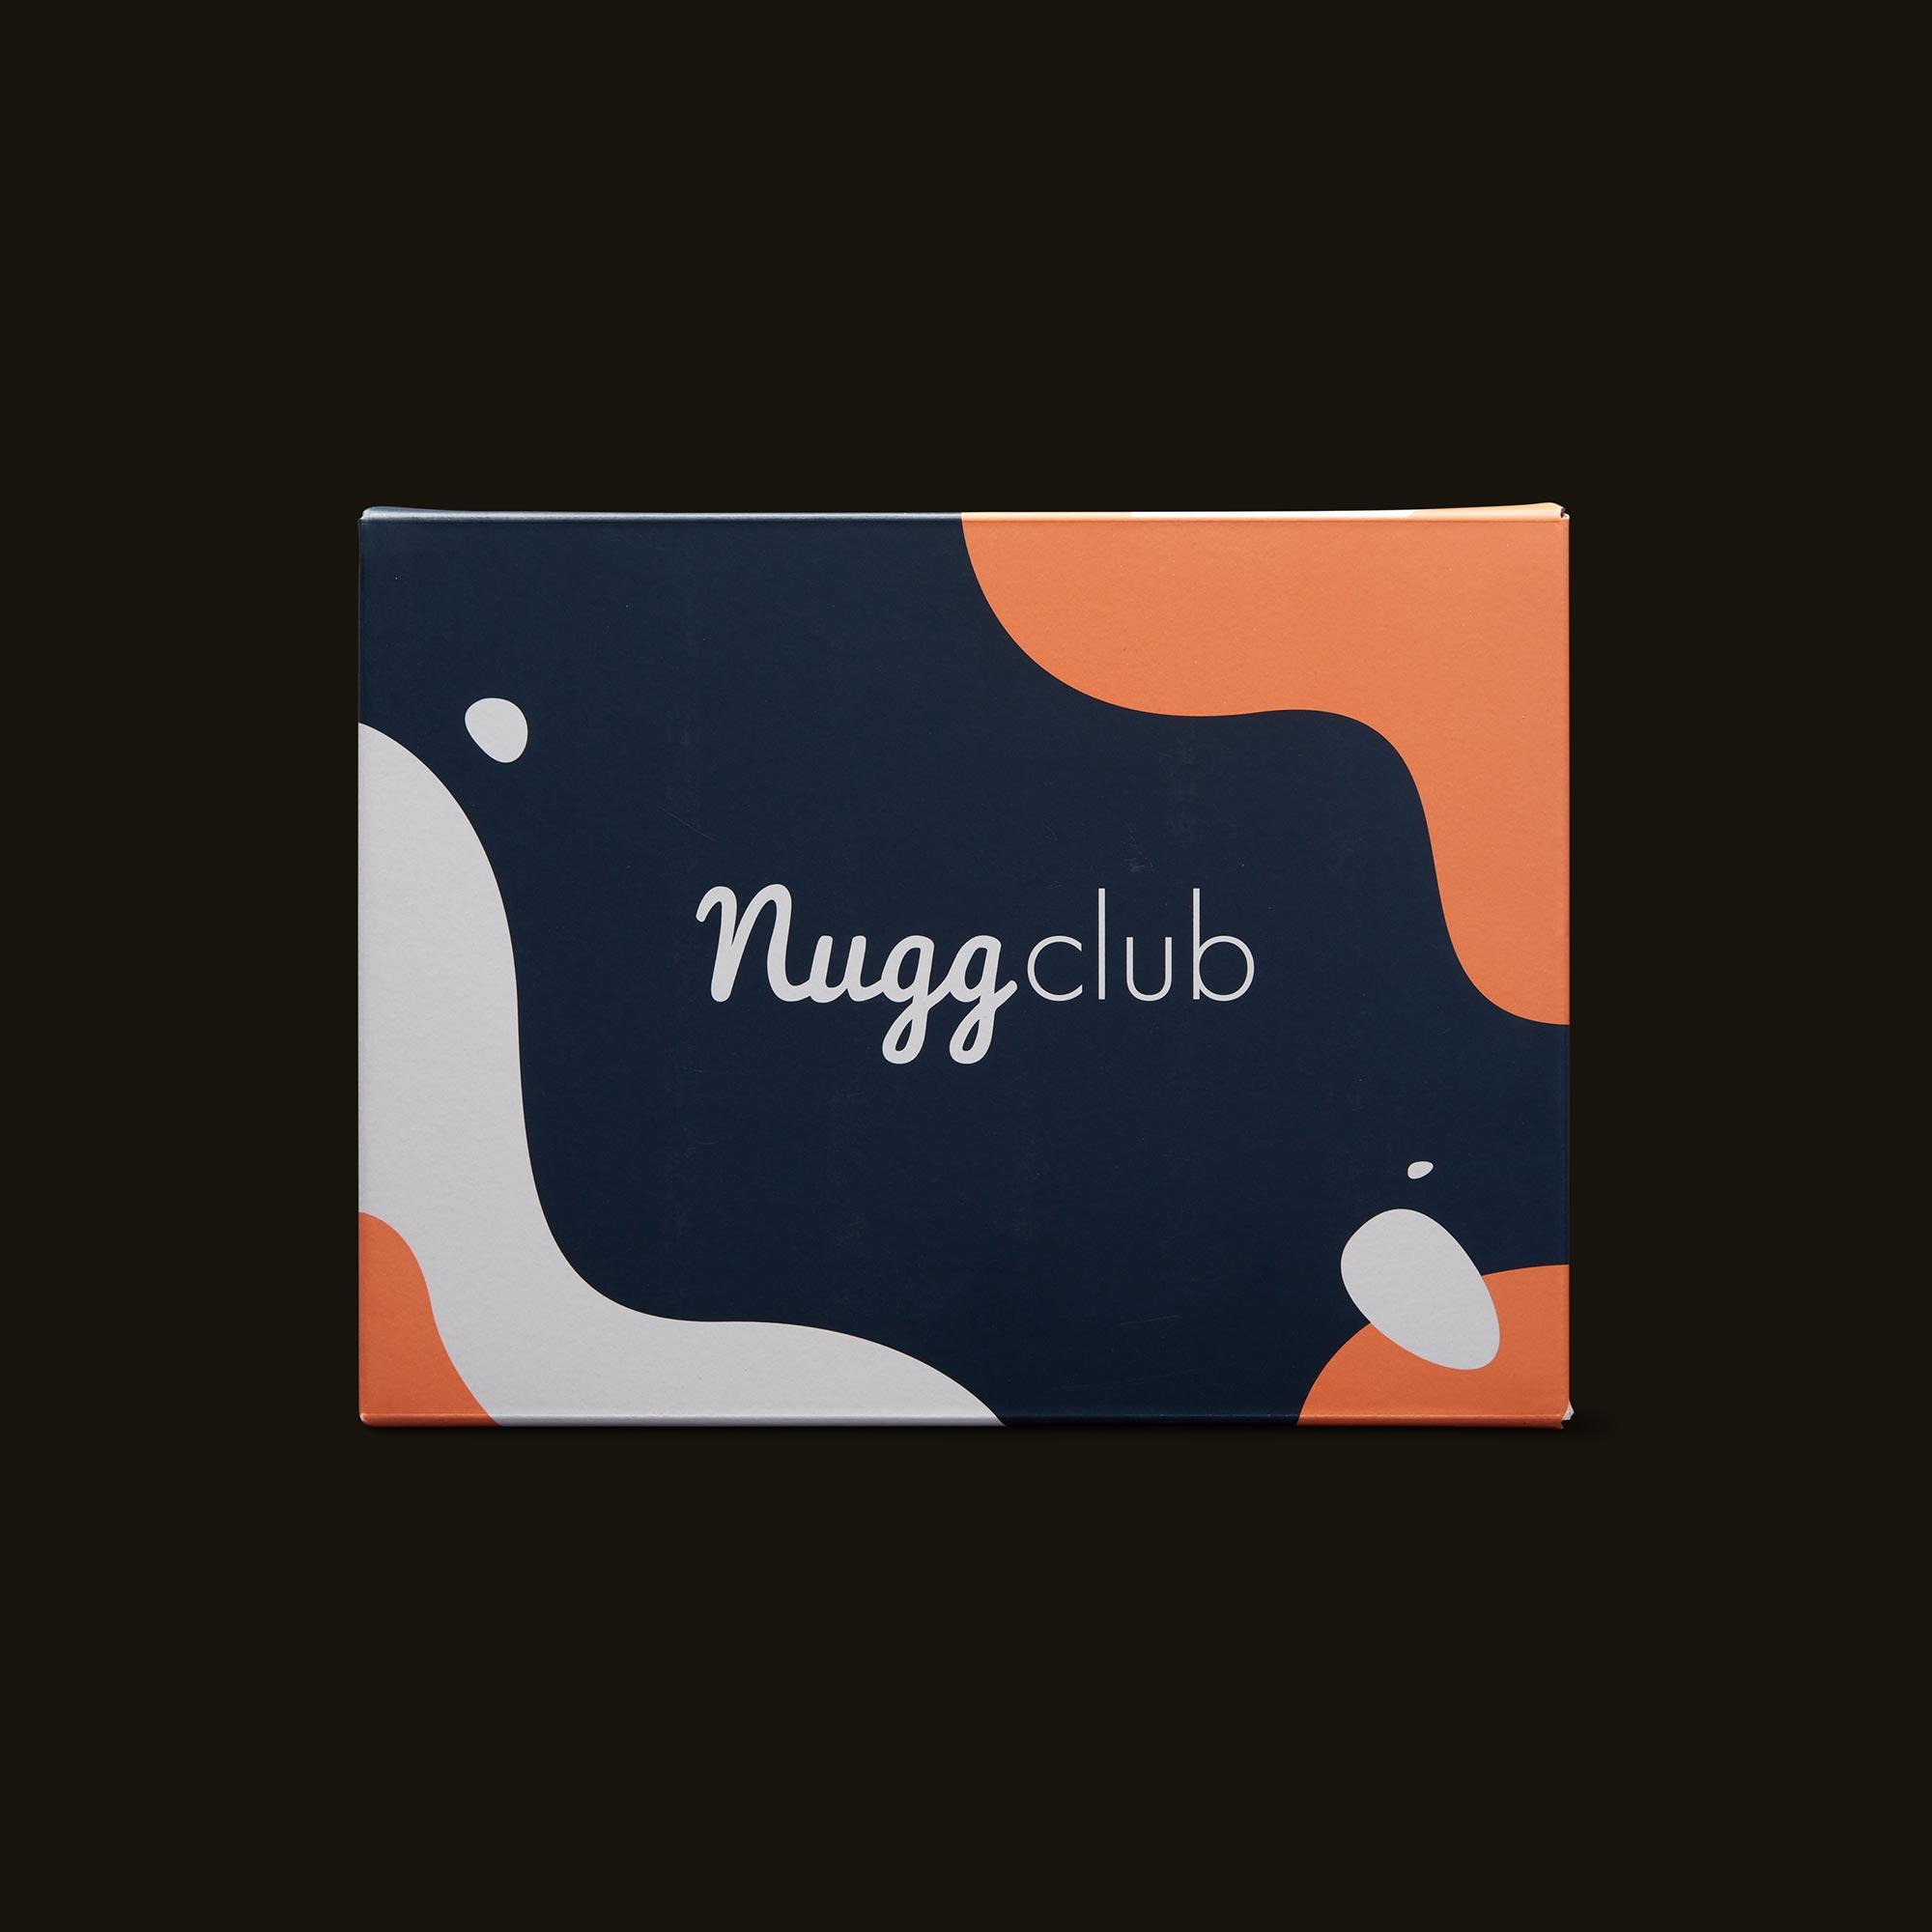 Nuggclub subscription box